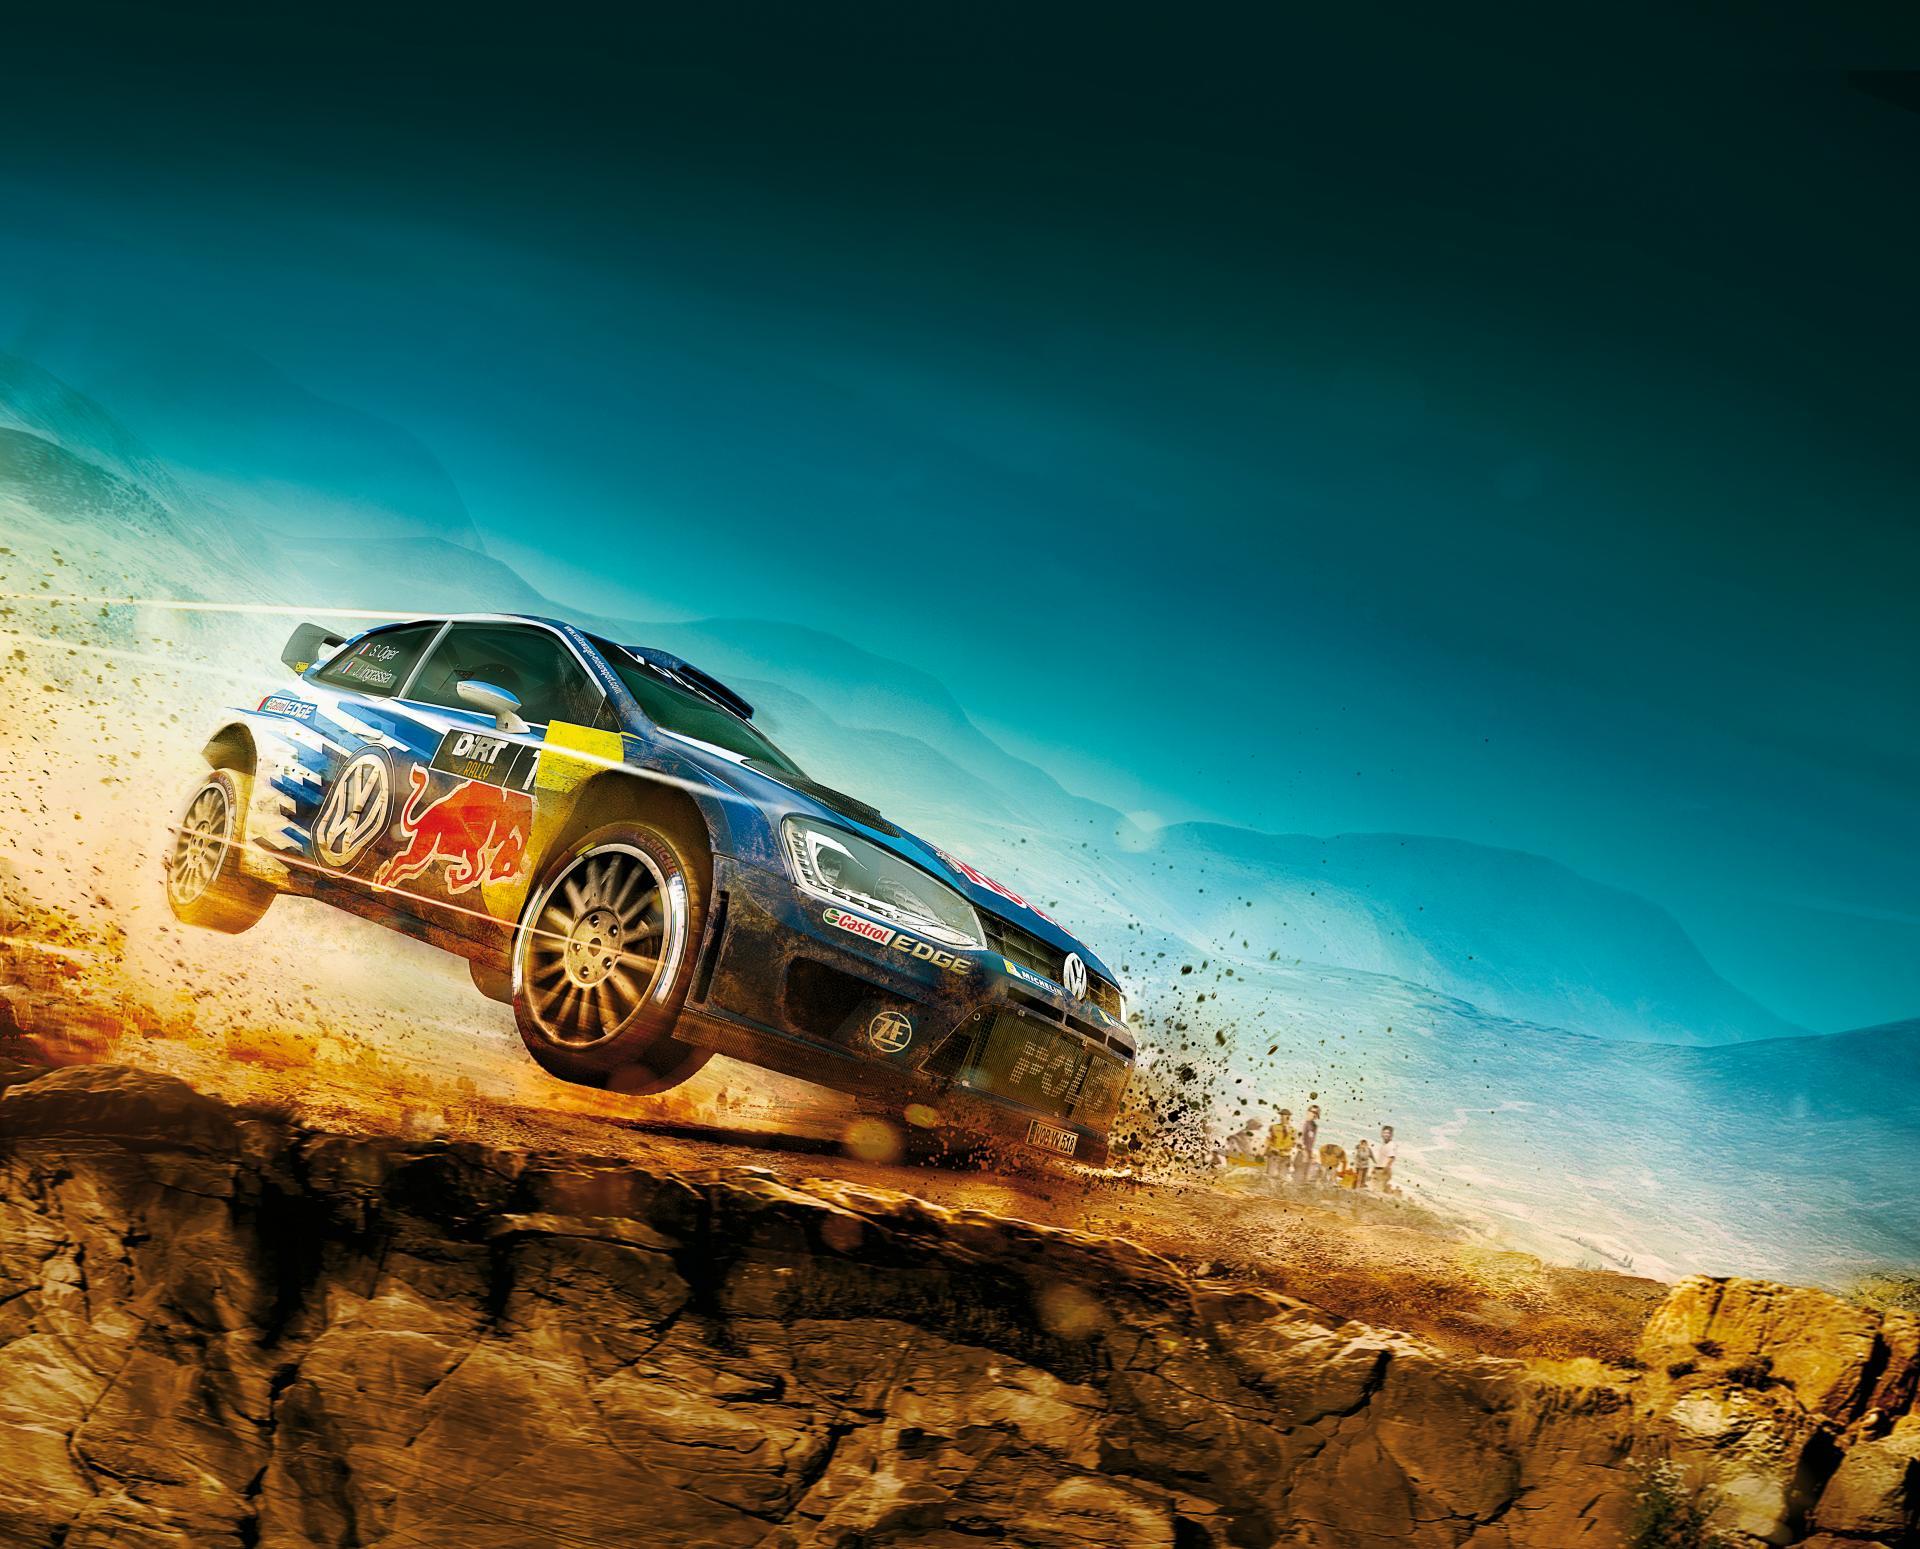 Русская версия DiRT Rally появится на консолях в апреле 2016 года - Изображение 1